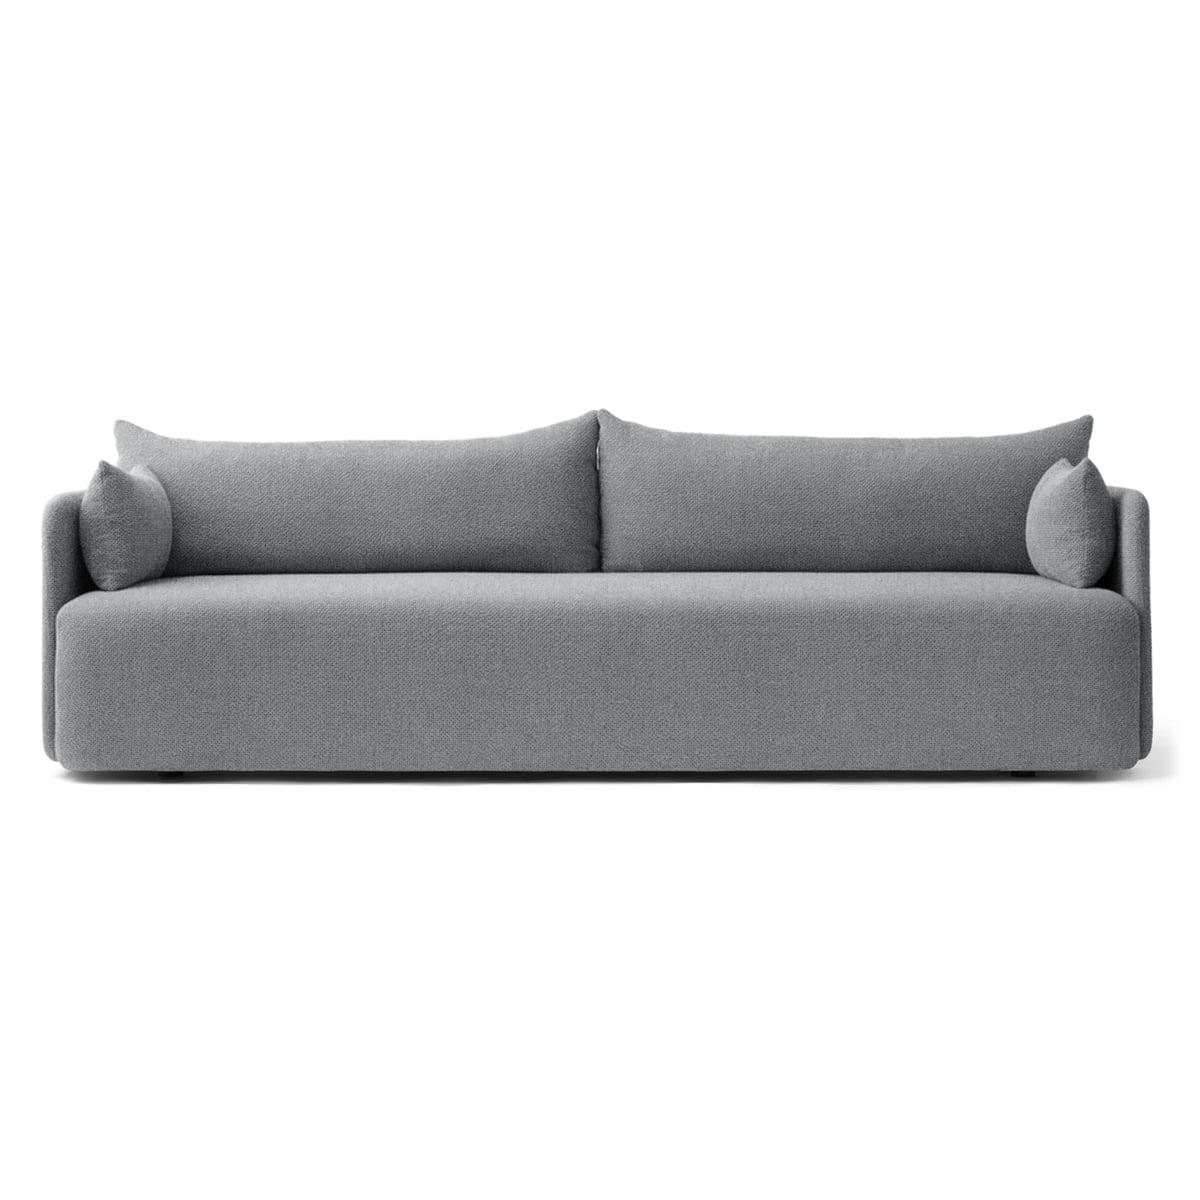 Offset Sofa By Menu Connox